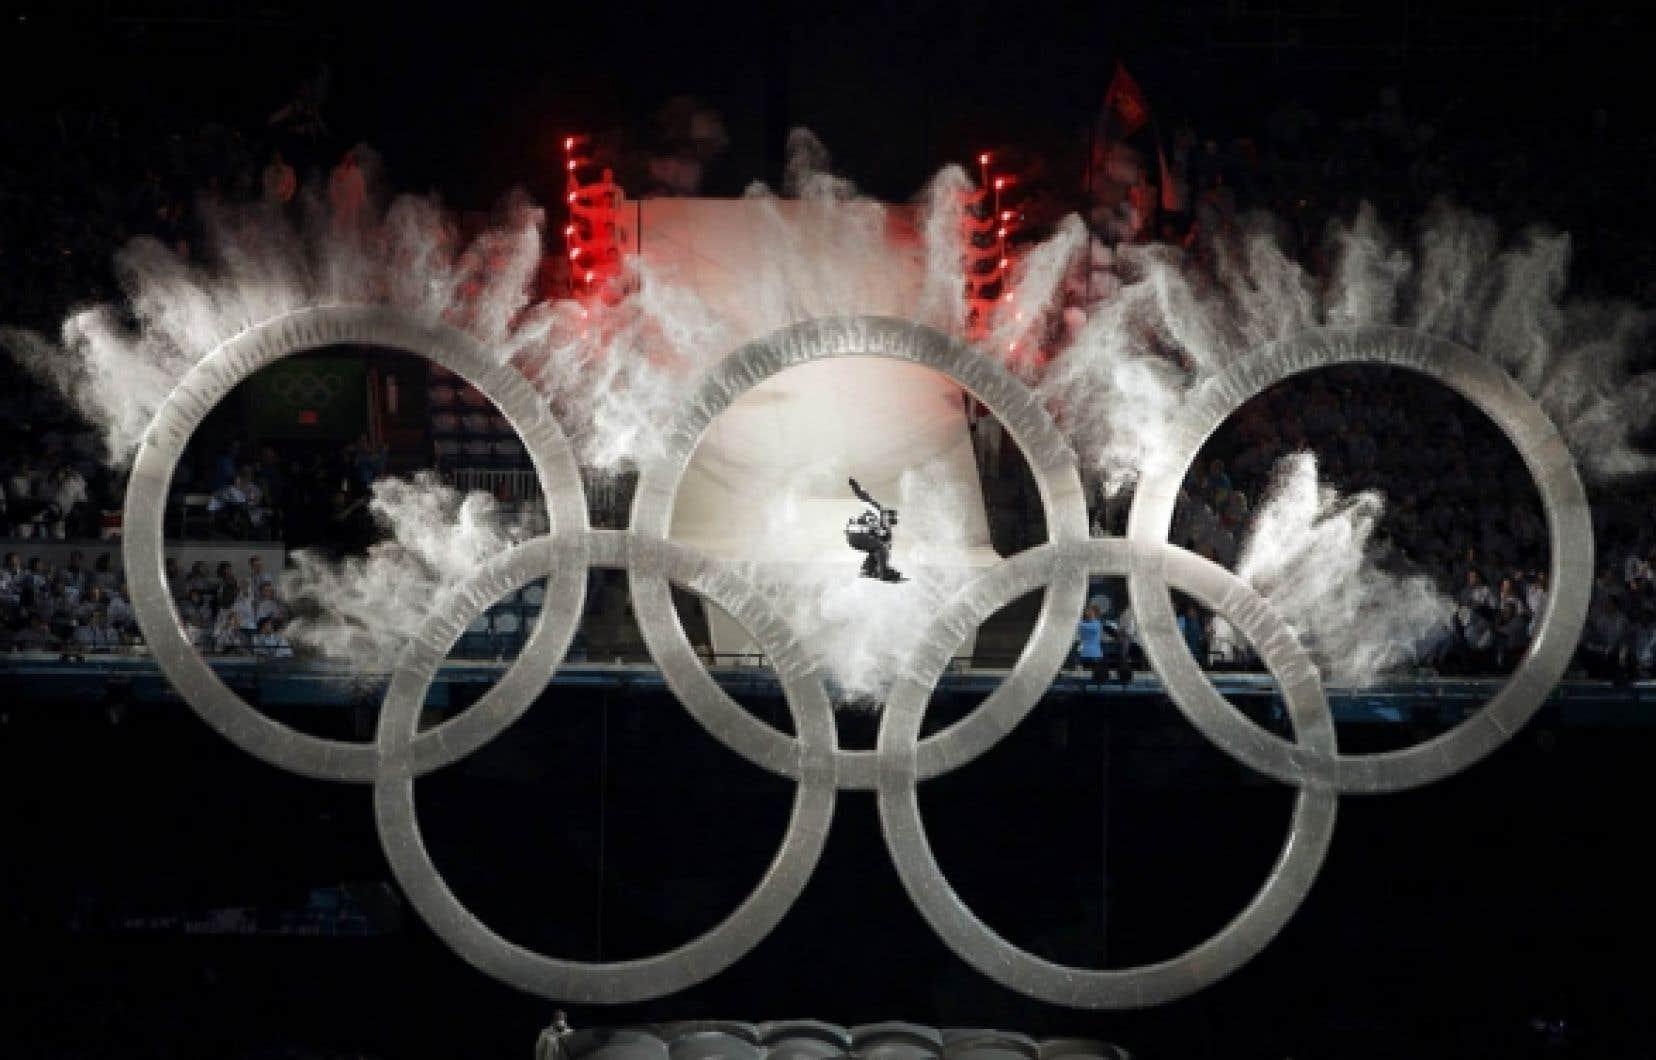 Le coup d'envoi des XXIes Jeux olympiques d'hiver a été donné, hier soir, au BC Place de Vancouver, lors d'une cérémonie d'ouverture assombrie par le décès d'un lugeur.